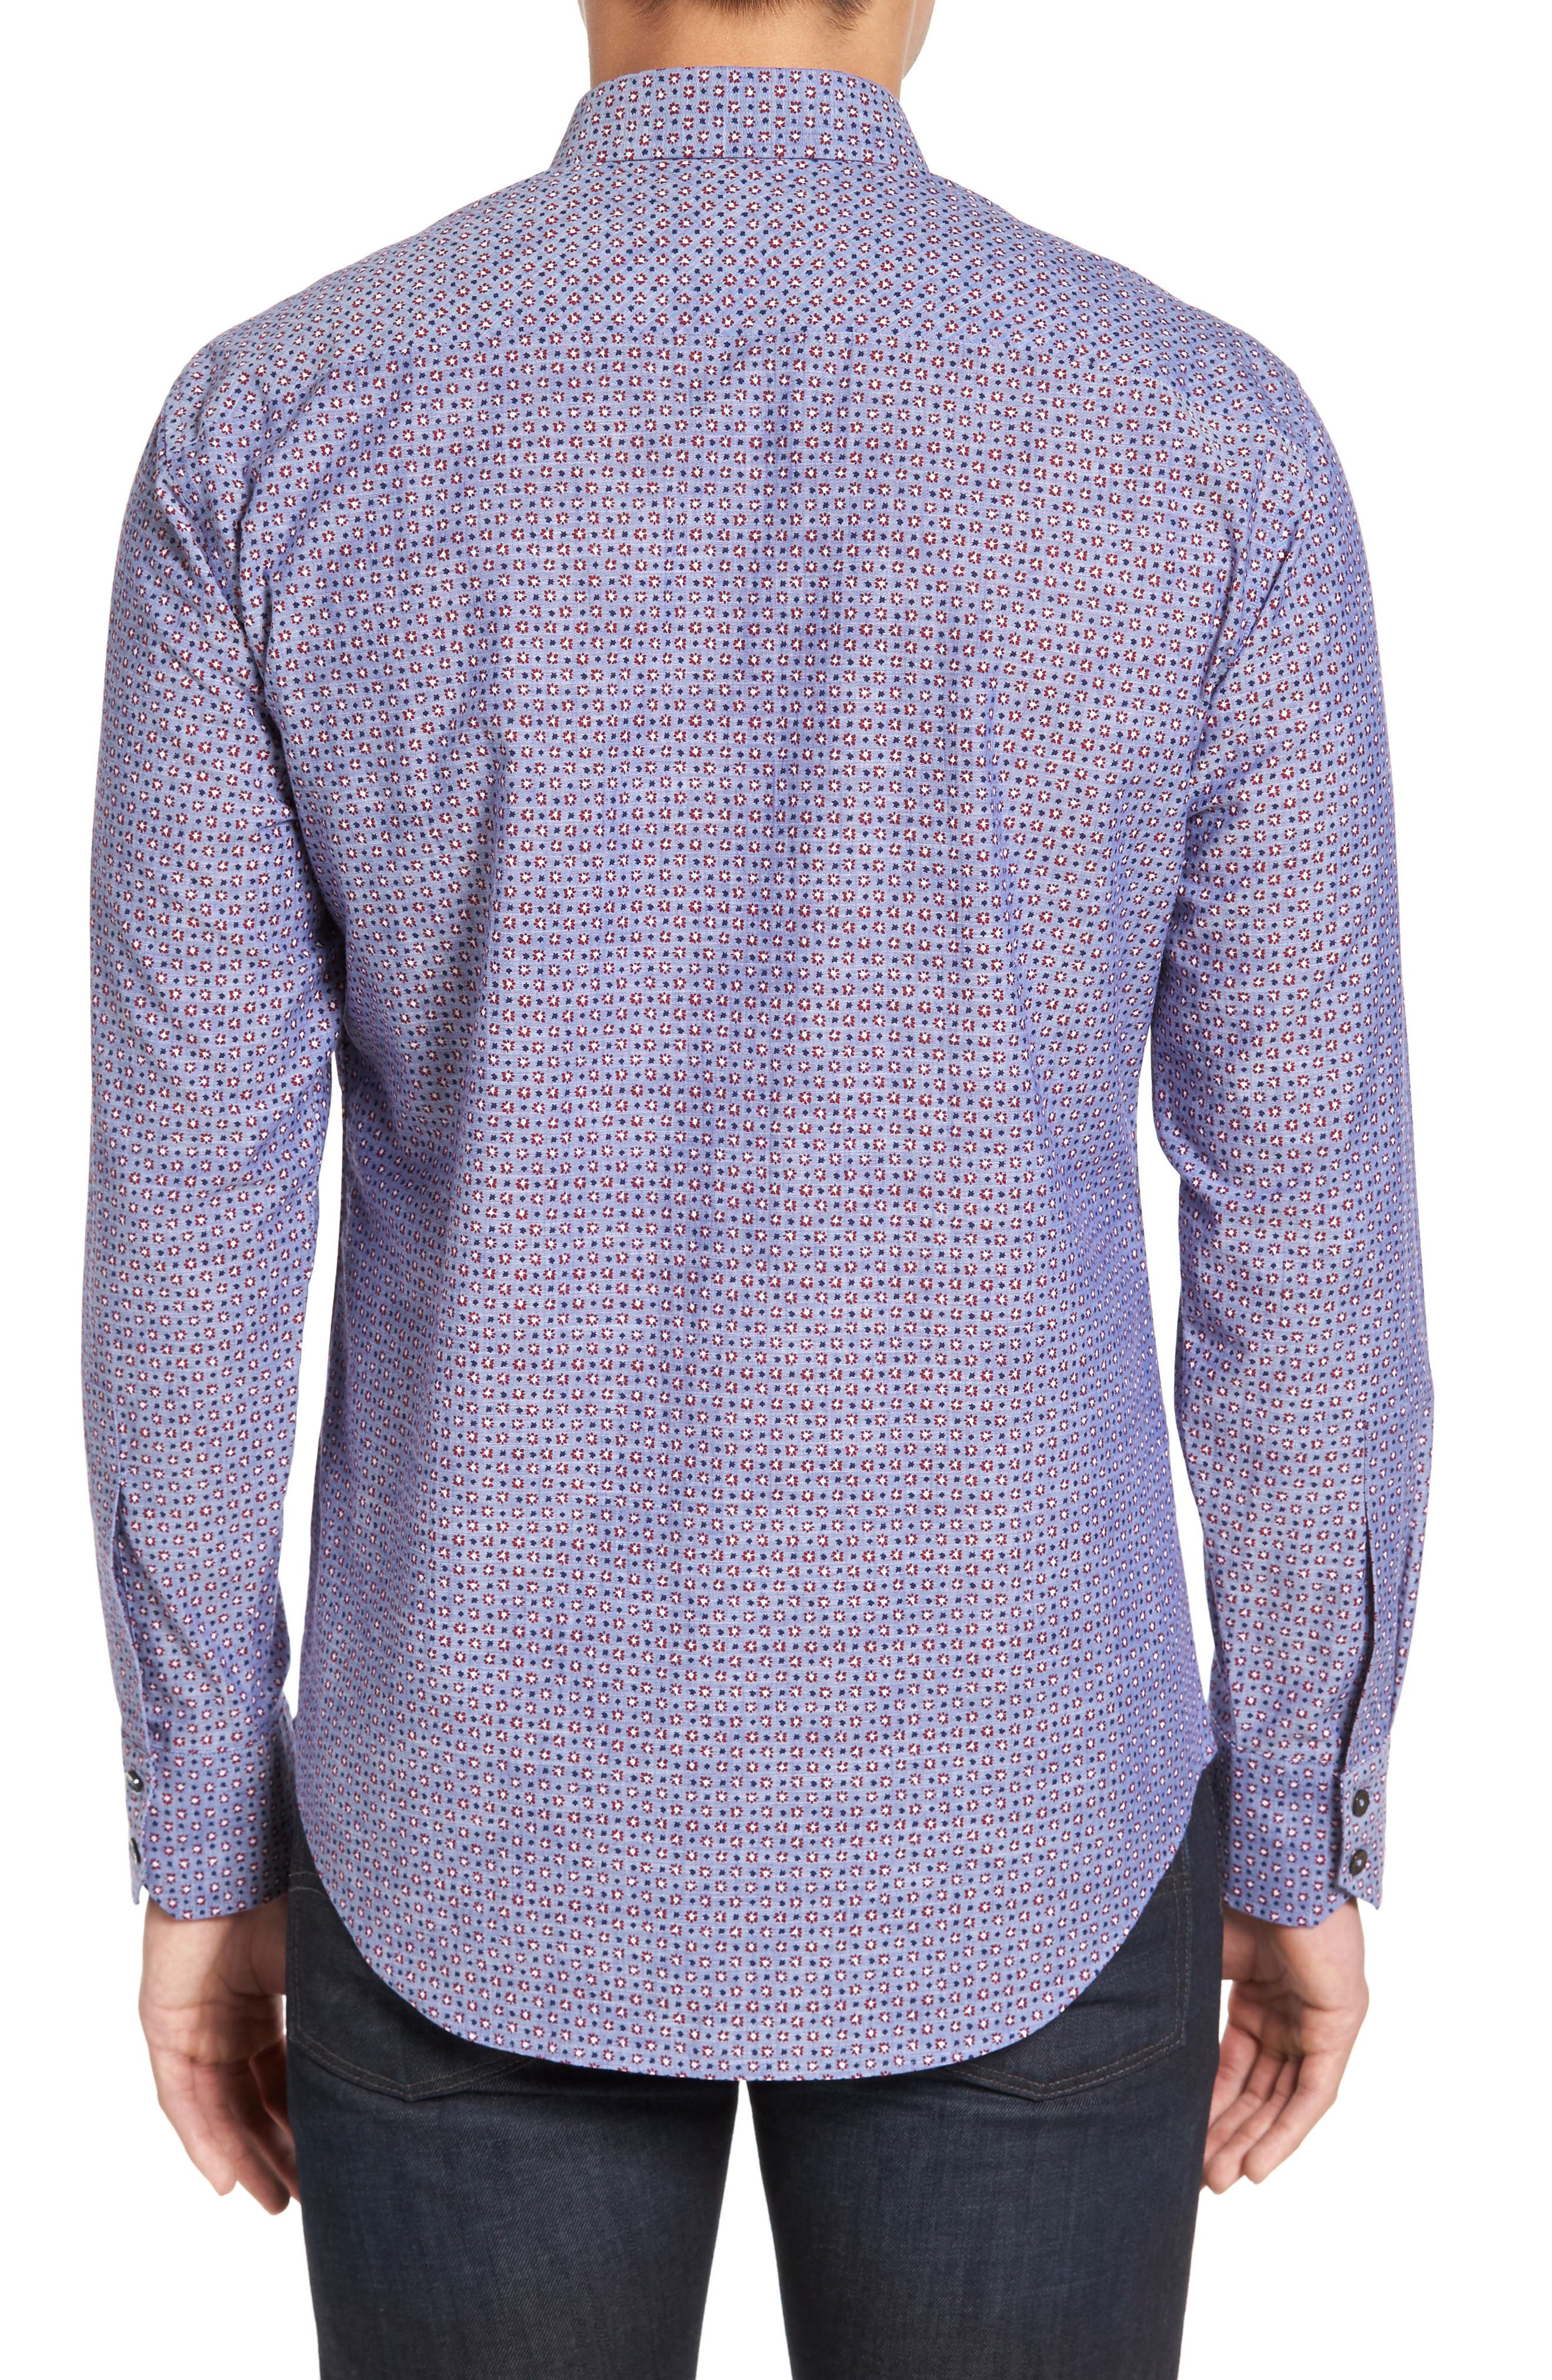 Chernow Trim Fit Print Sport Shirt,                             Alternate thumbnail 2, color,                             412